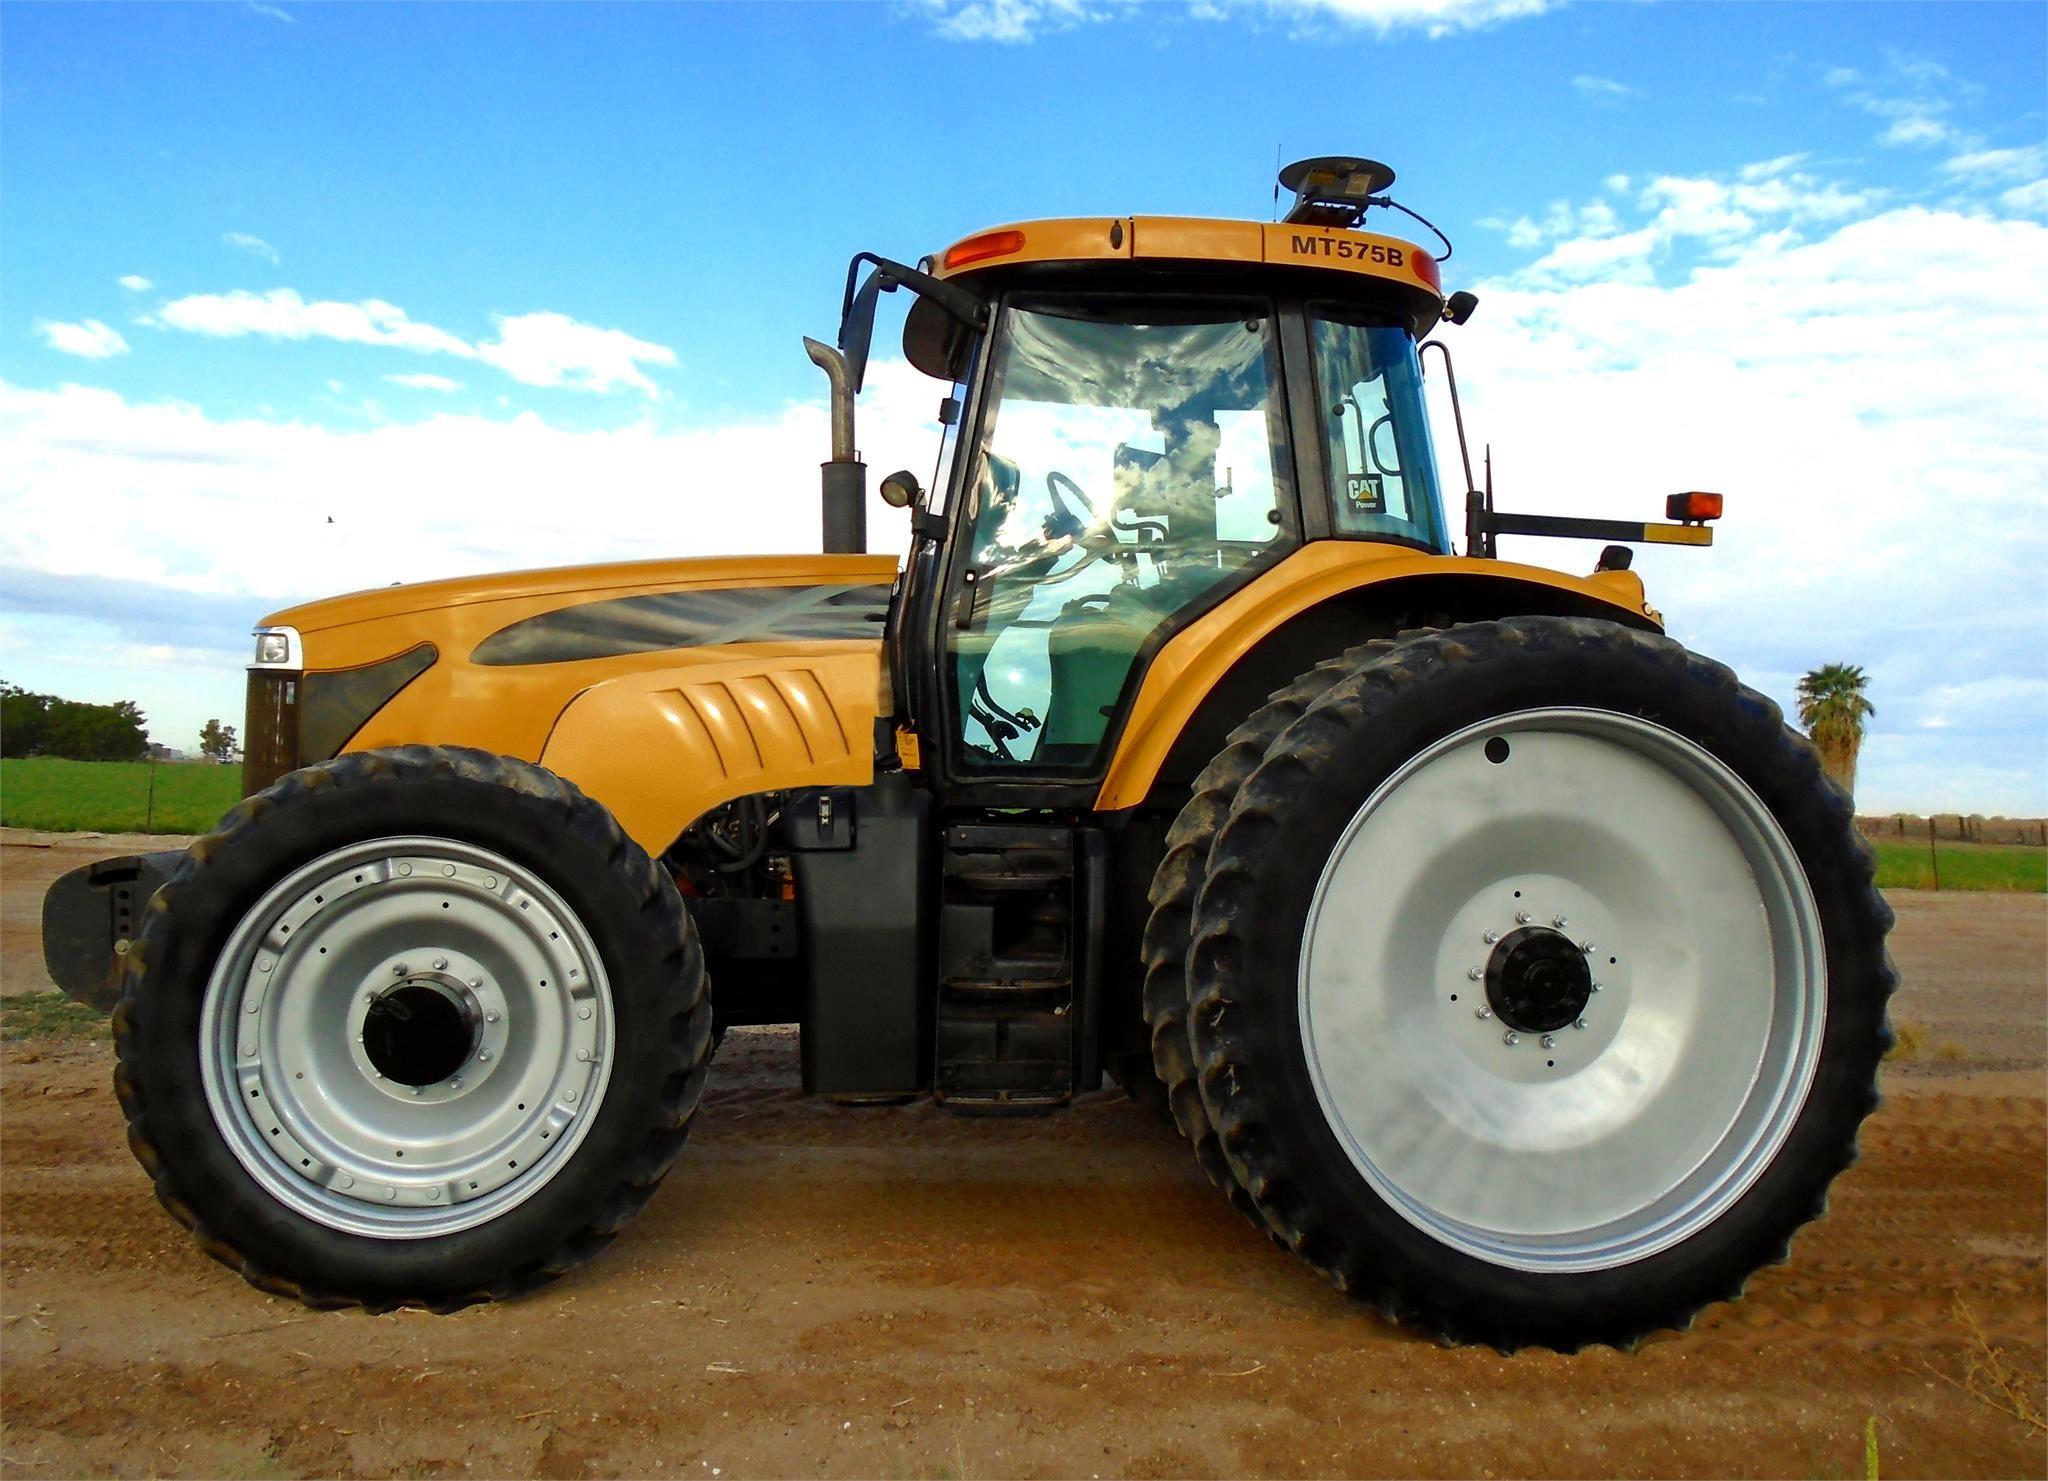 2007 Challenger MT575B Tractor